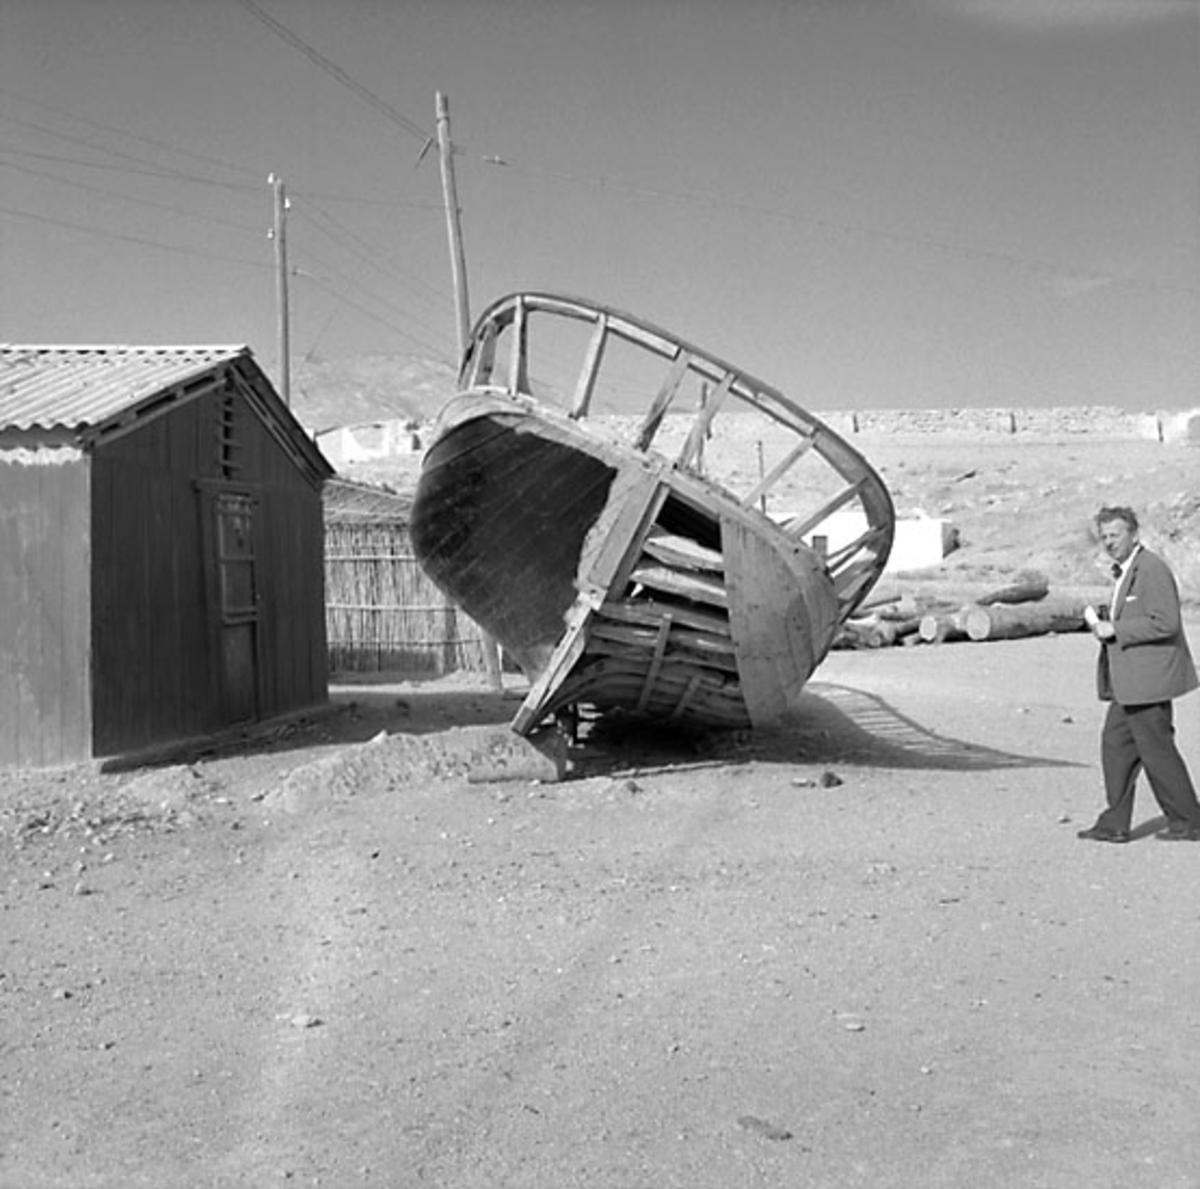 41. Spanien. Fotojournal finns på B.M.A. + fotoalbum. Samtidigt förvärv: Böcker och arkivmaterial. Foton tagna 1959-11-12. 12 Bilder i serie.